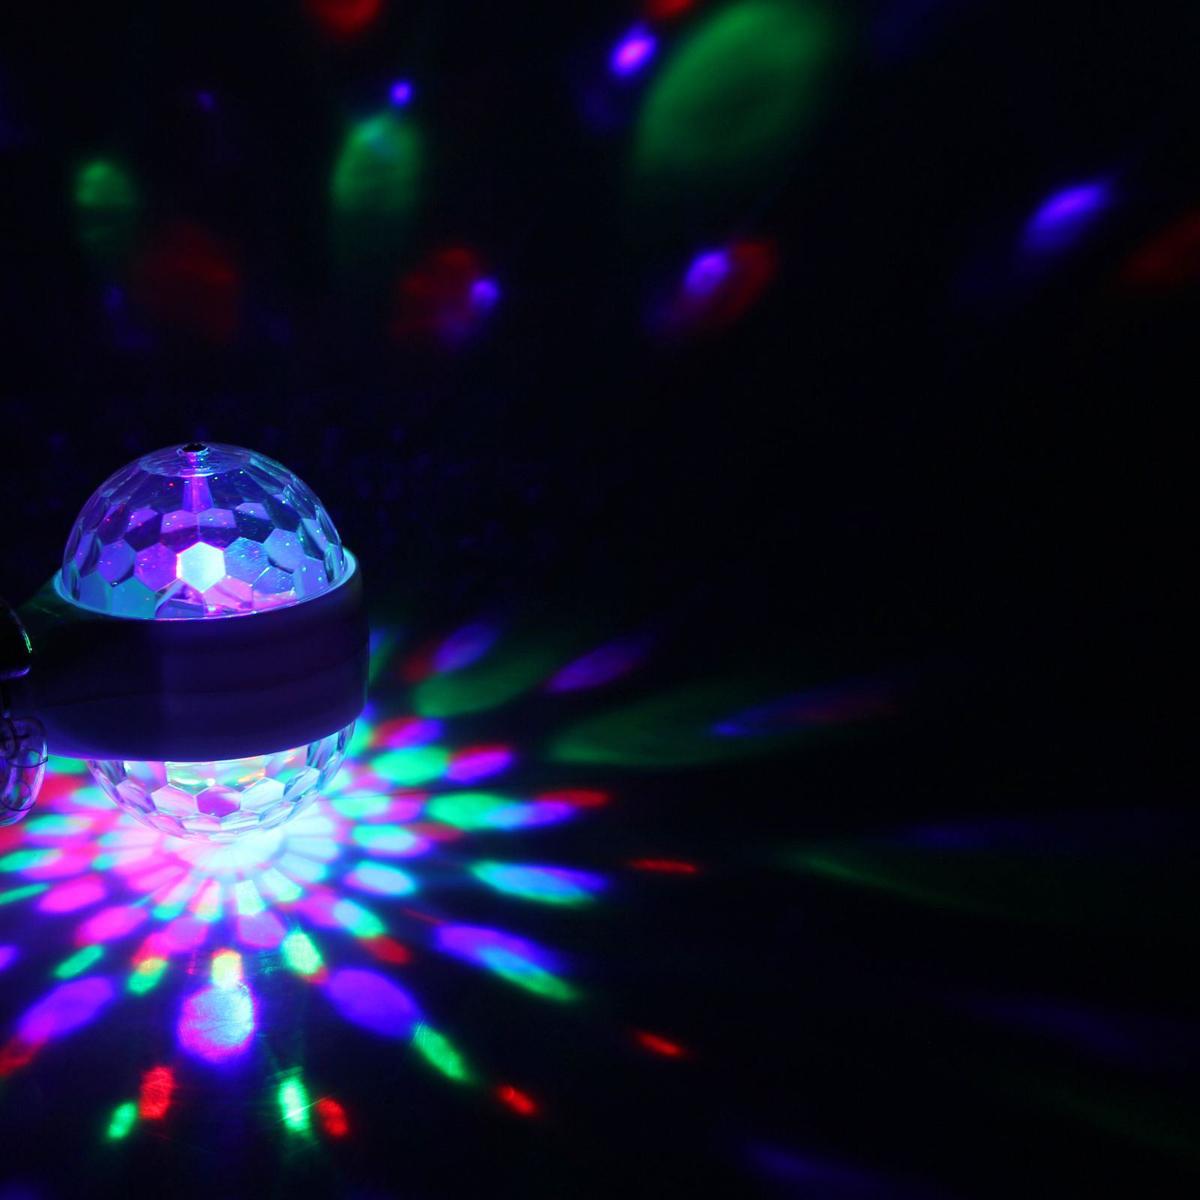 Лампа Luazon Хрустальный шар, диаметр 9 см, двухсторонняя, V220, цоколь Е271353033Светодиодные гирлянды, ленты и т.д — это отличный вариант для новогоднего оформления интерьера или фасада. С их помощью помещение любого размера можно превратить в праздничный зал, а внешние элементы зданий, украшенные ими, мгновенно станут напоминать очертания сказочного дворца. Такие украшения создают ауру предвкушения чуда. Деревья, фасады, витрины, окна и арки будто специально созданы, чтобы вы украсили их светящимися нитями.